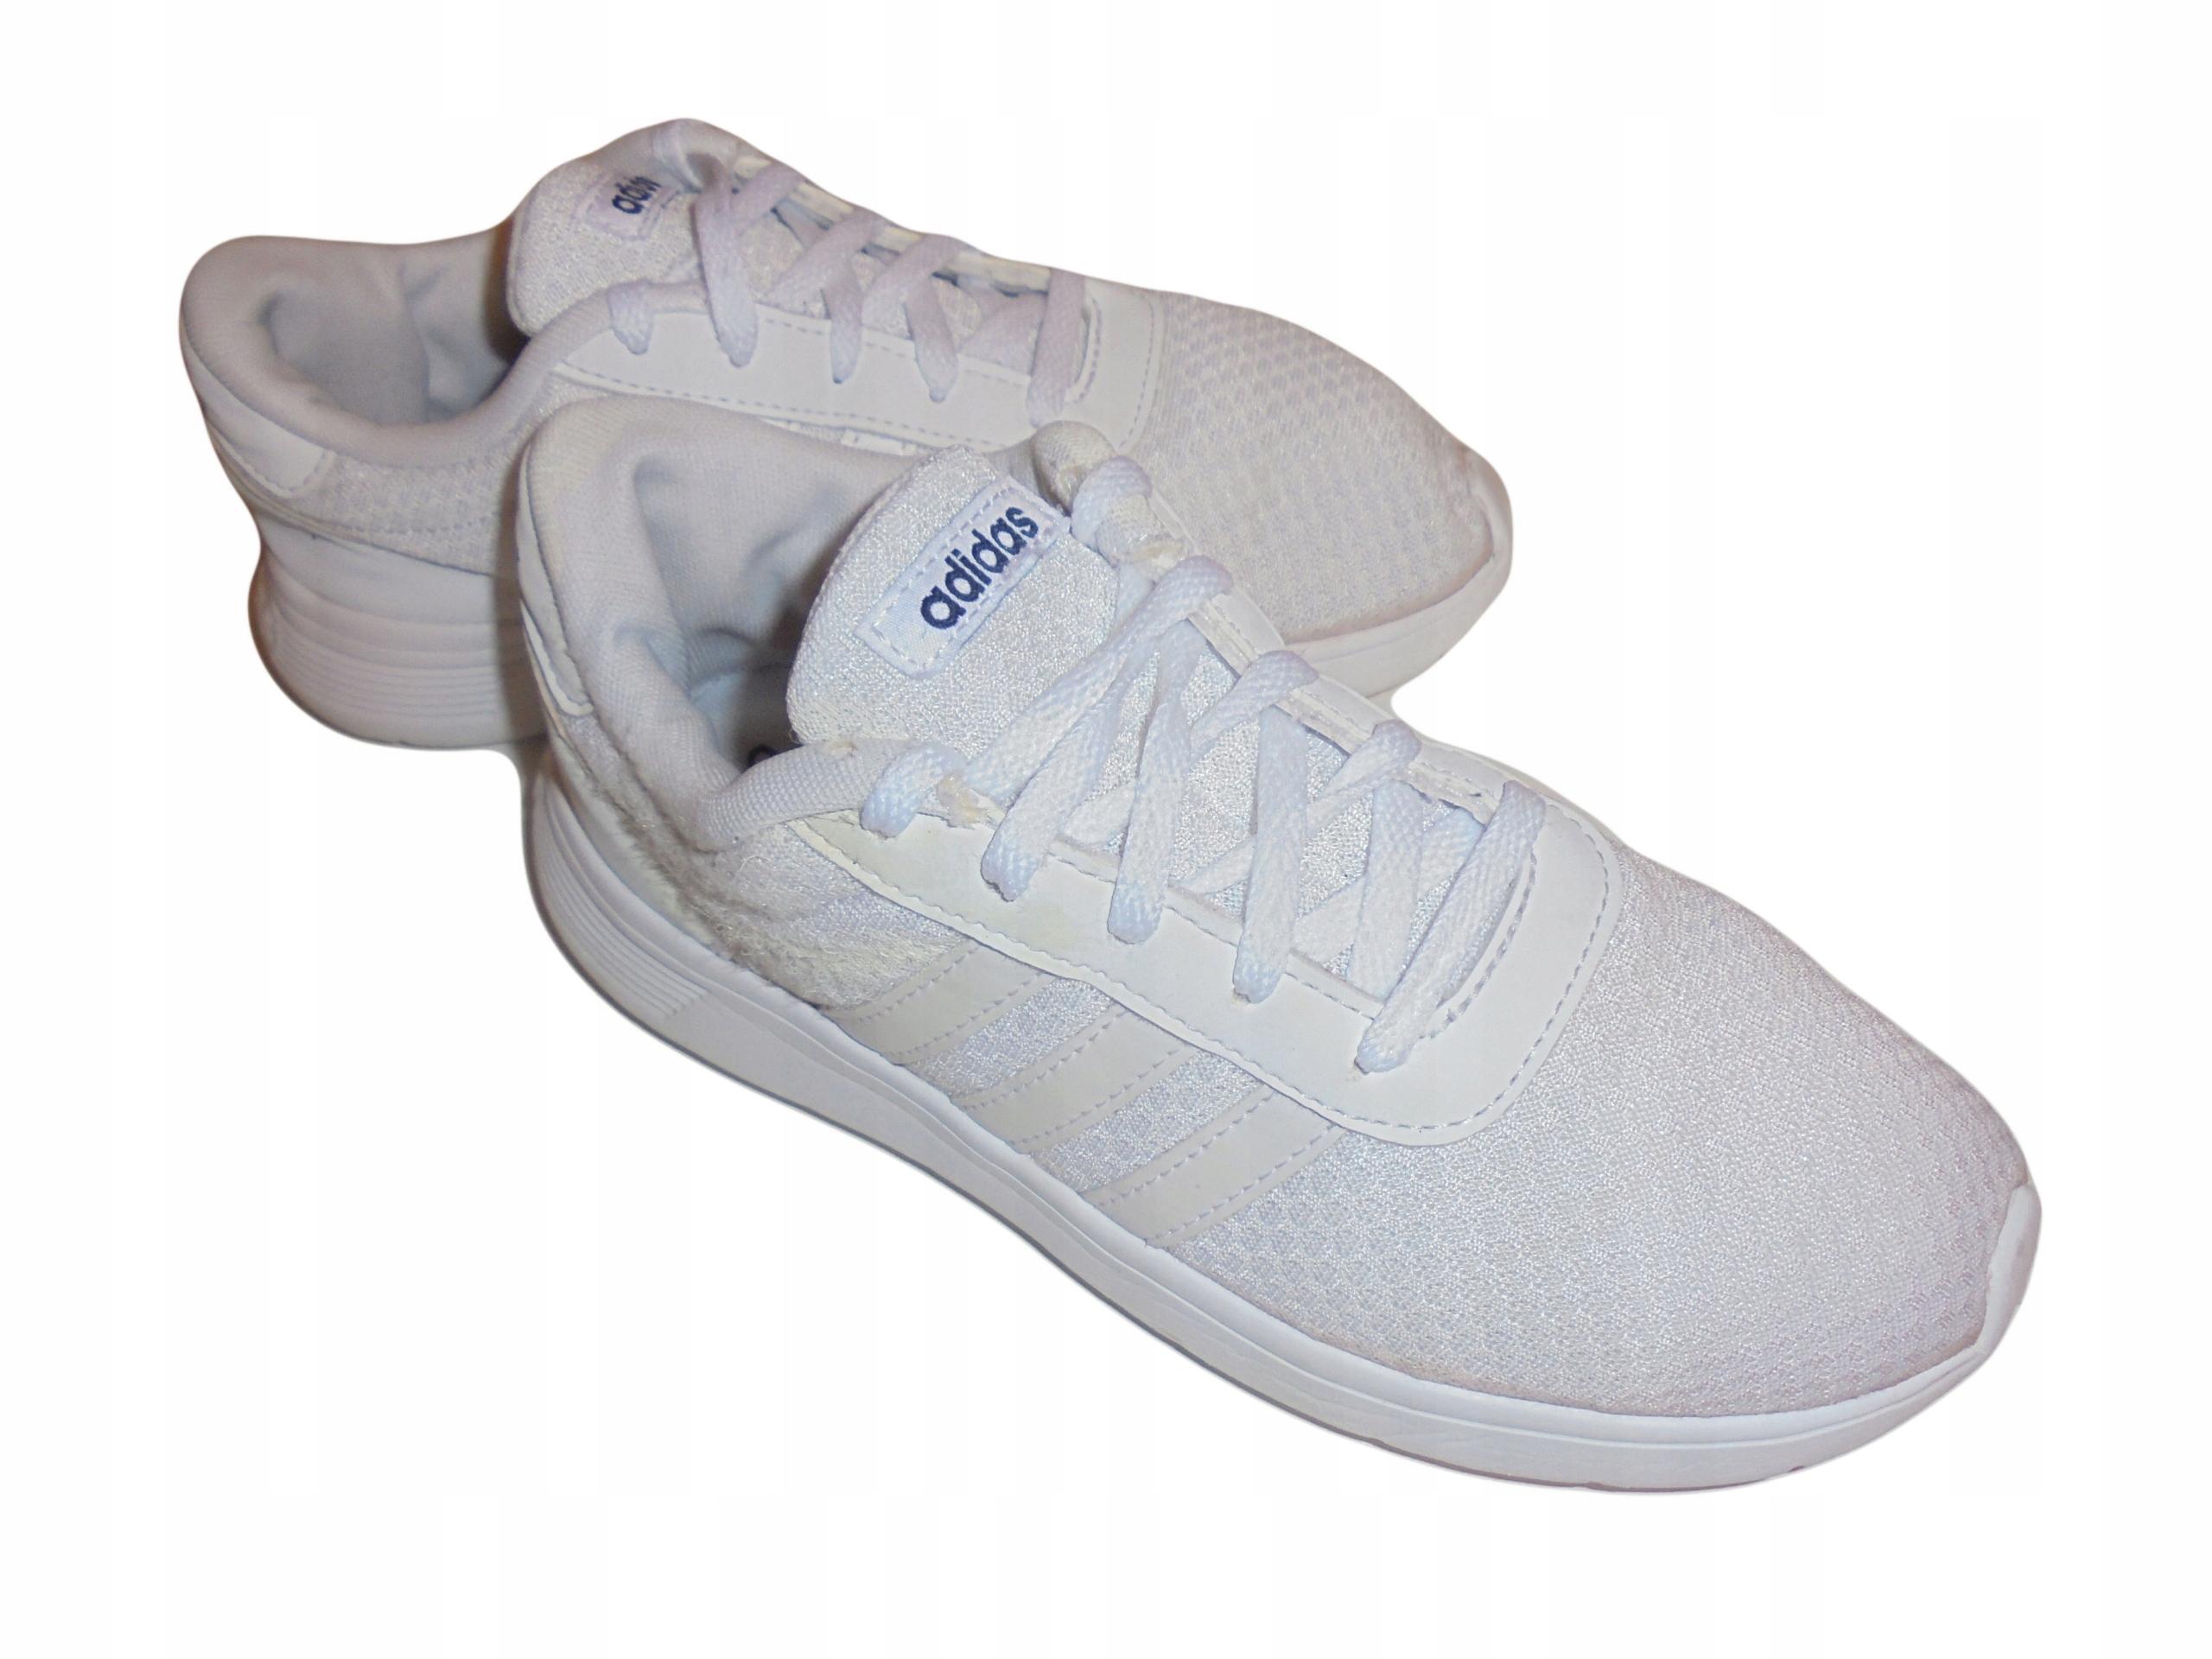 Buty firmy Adidas NEO. Rozmiar 36,5. 7601912742